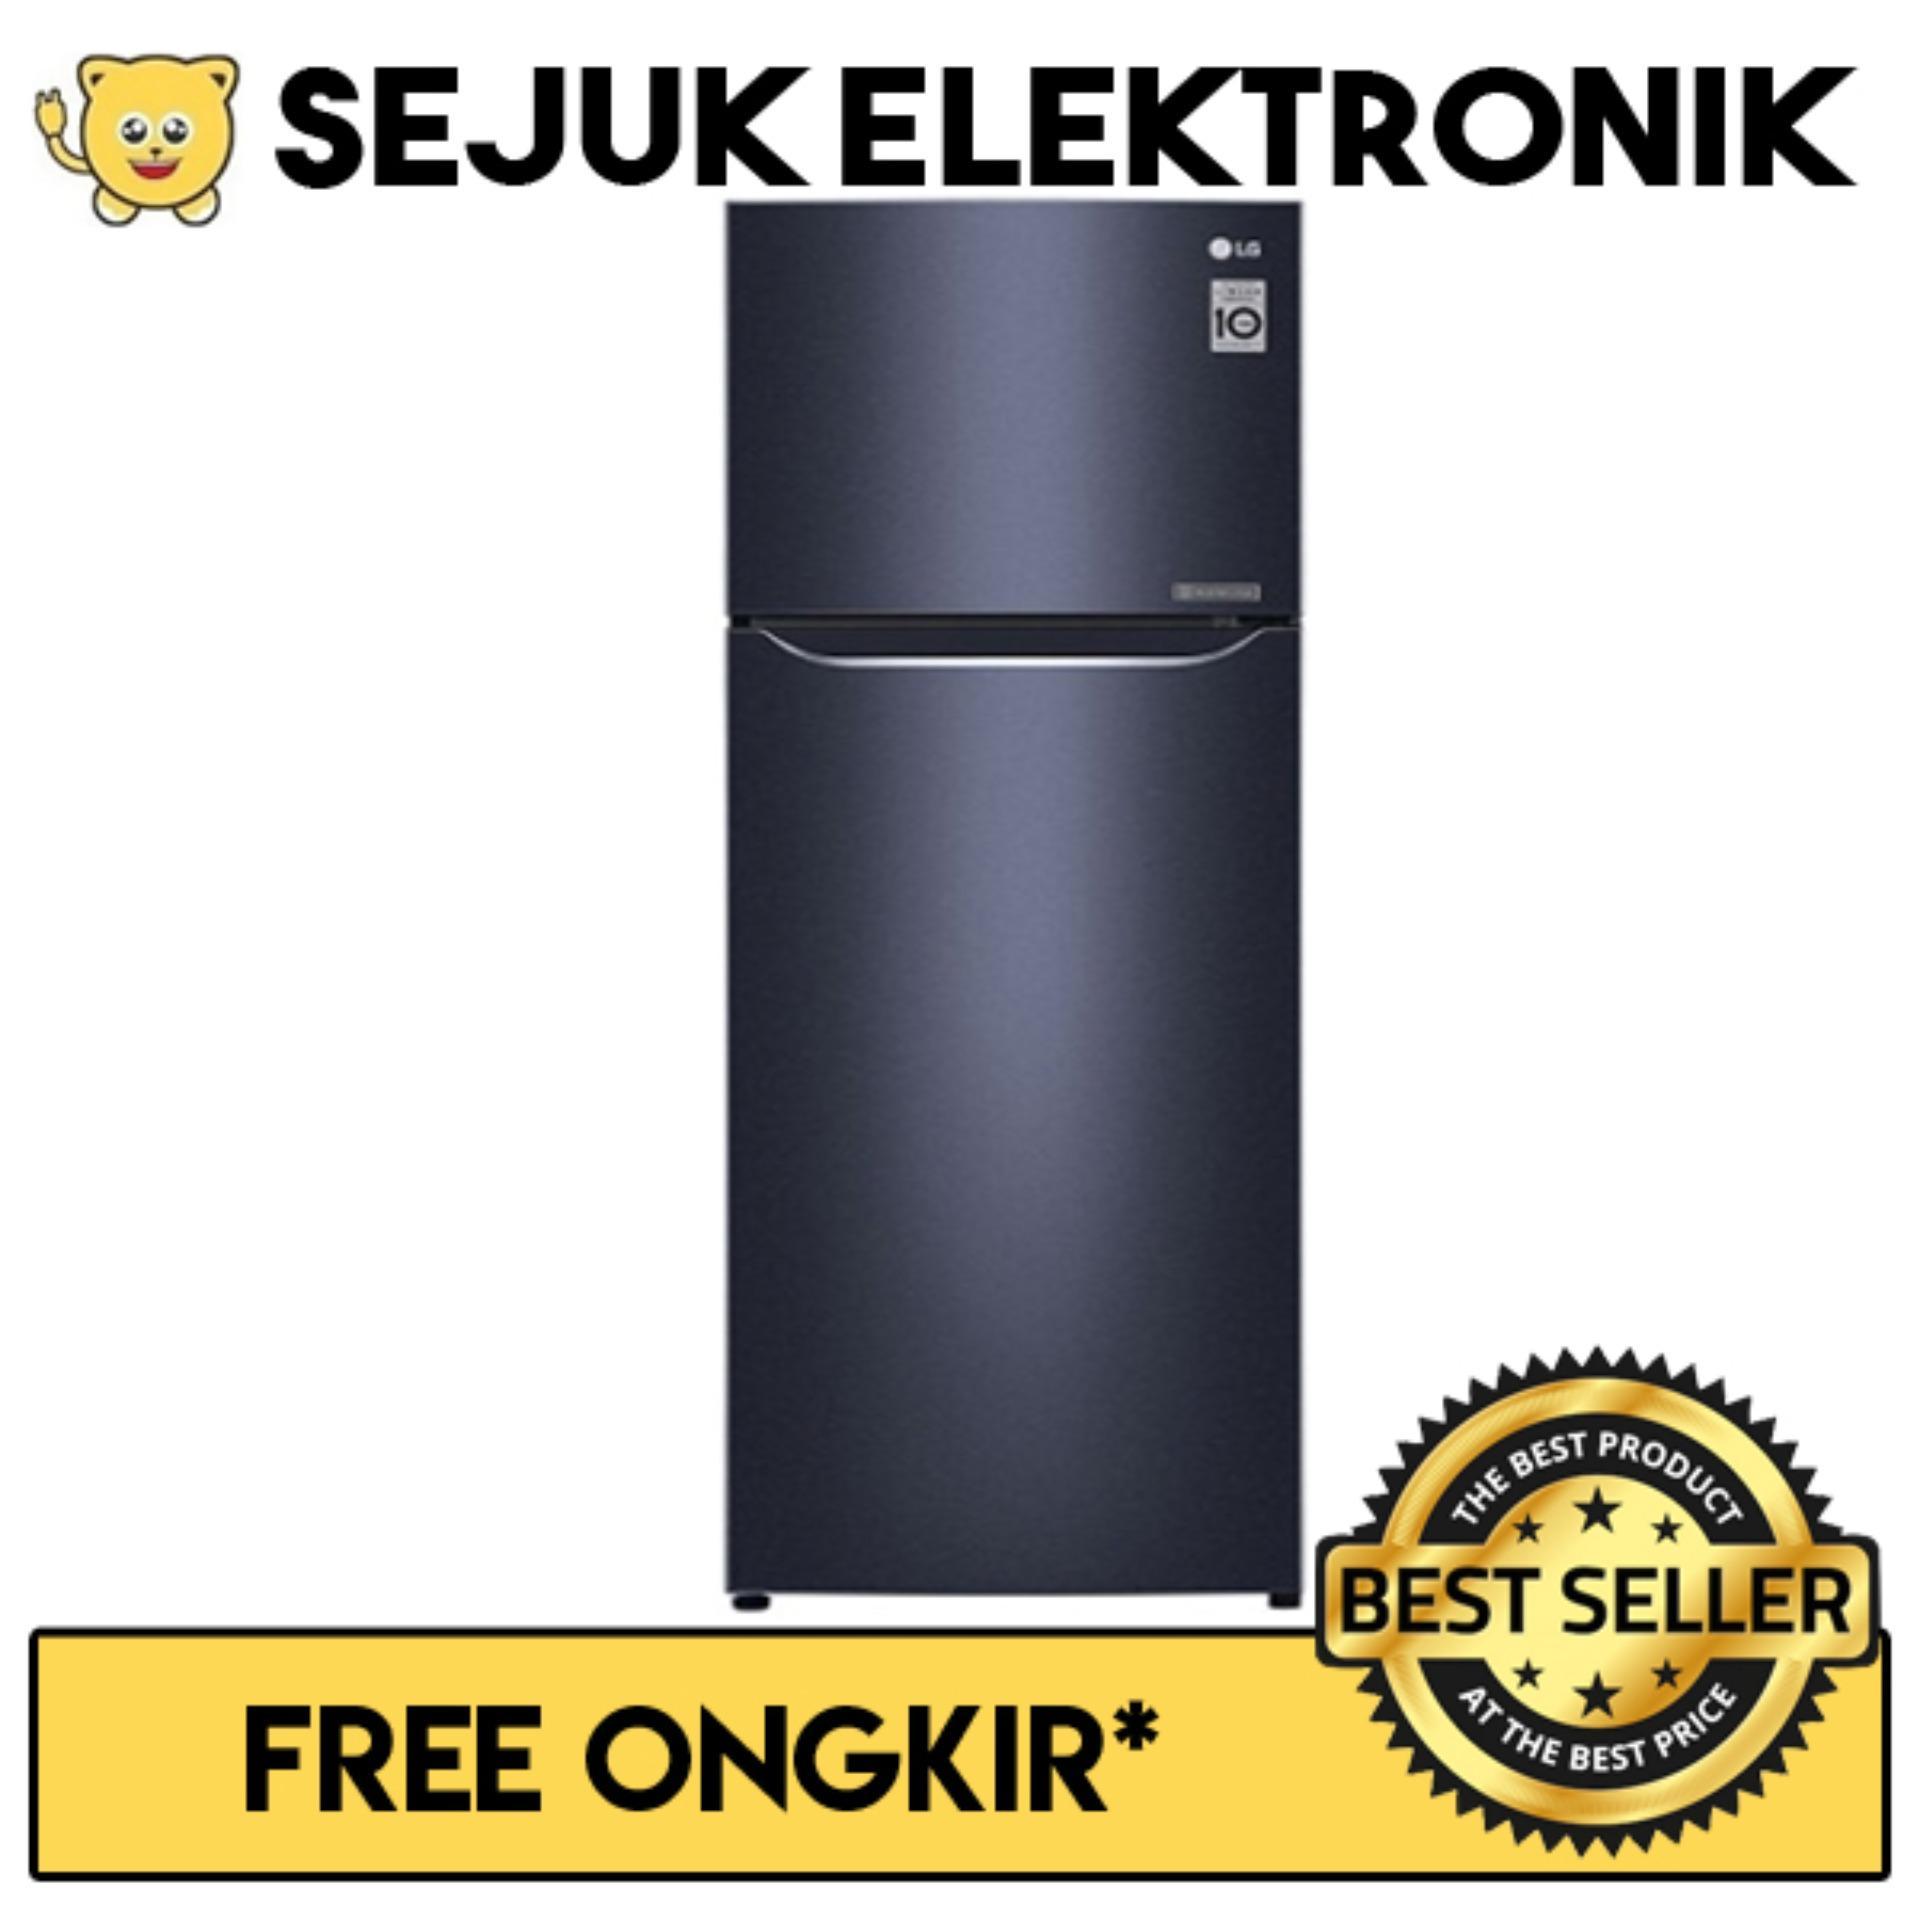 LG GN-C372SQCN Lemari Es / Kulkas 2 Pintu Door Cooling+™ - 333 Liter (JADETABEK ONLY)